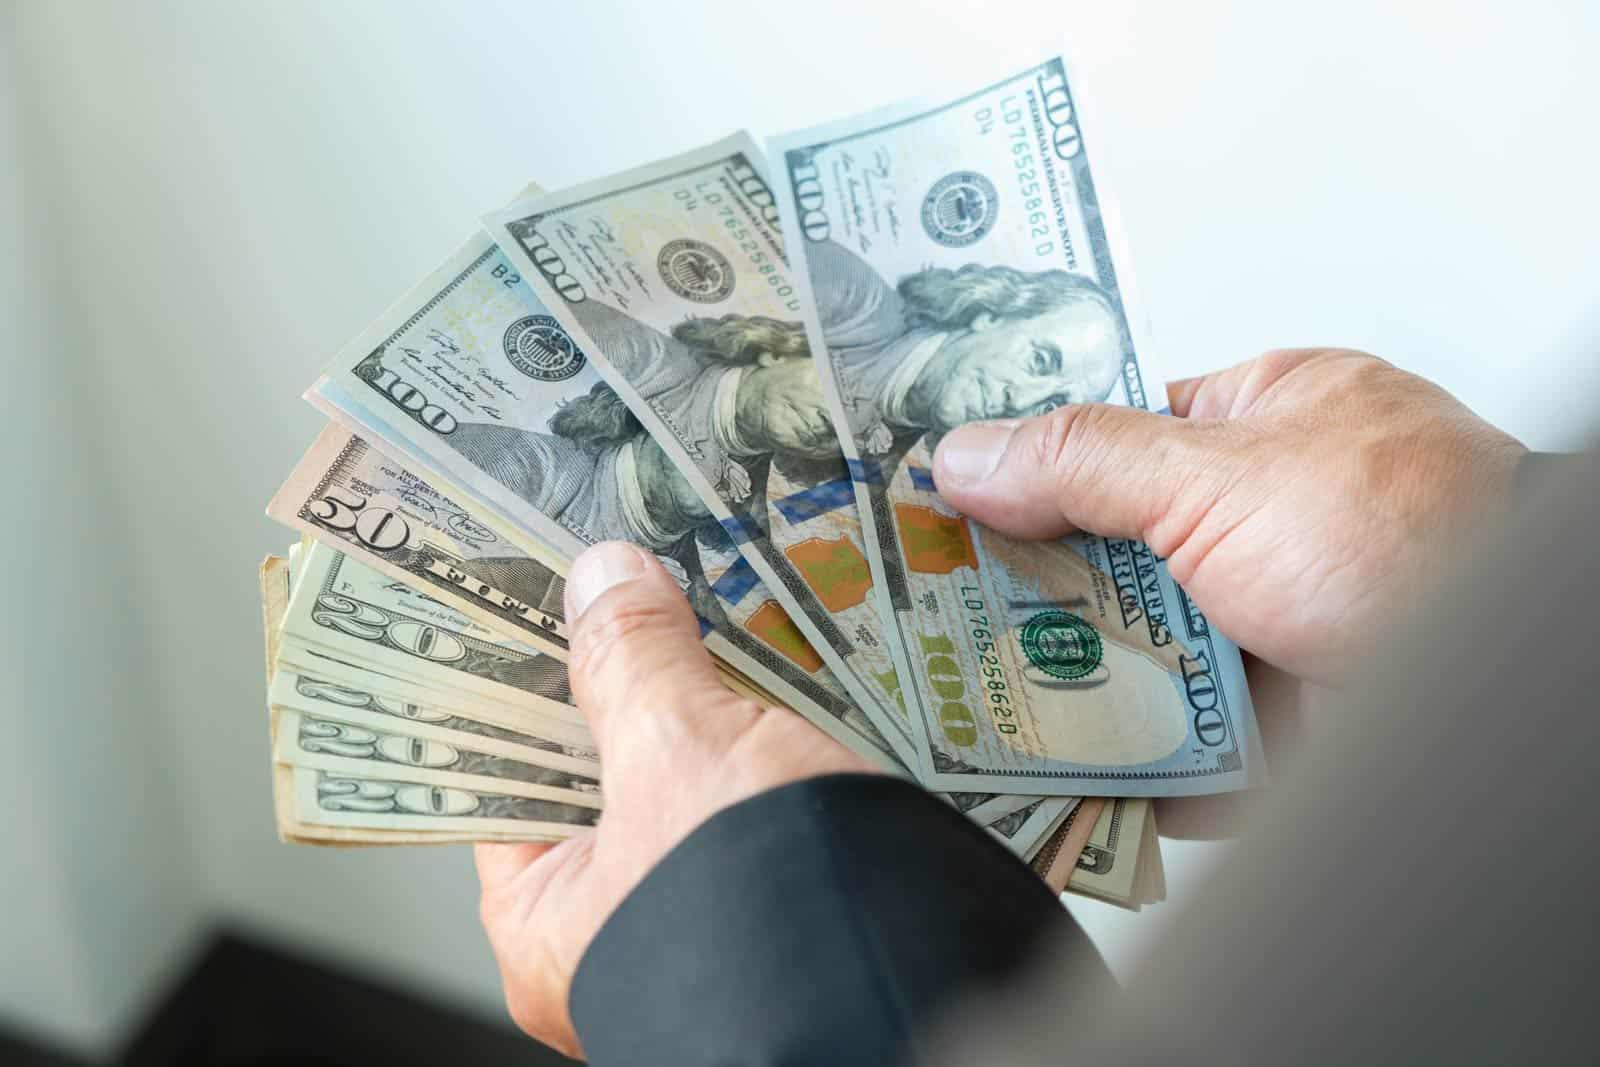 Krediti na ostatak primanja